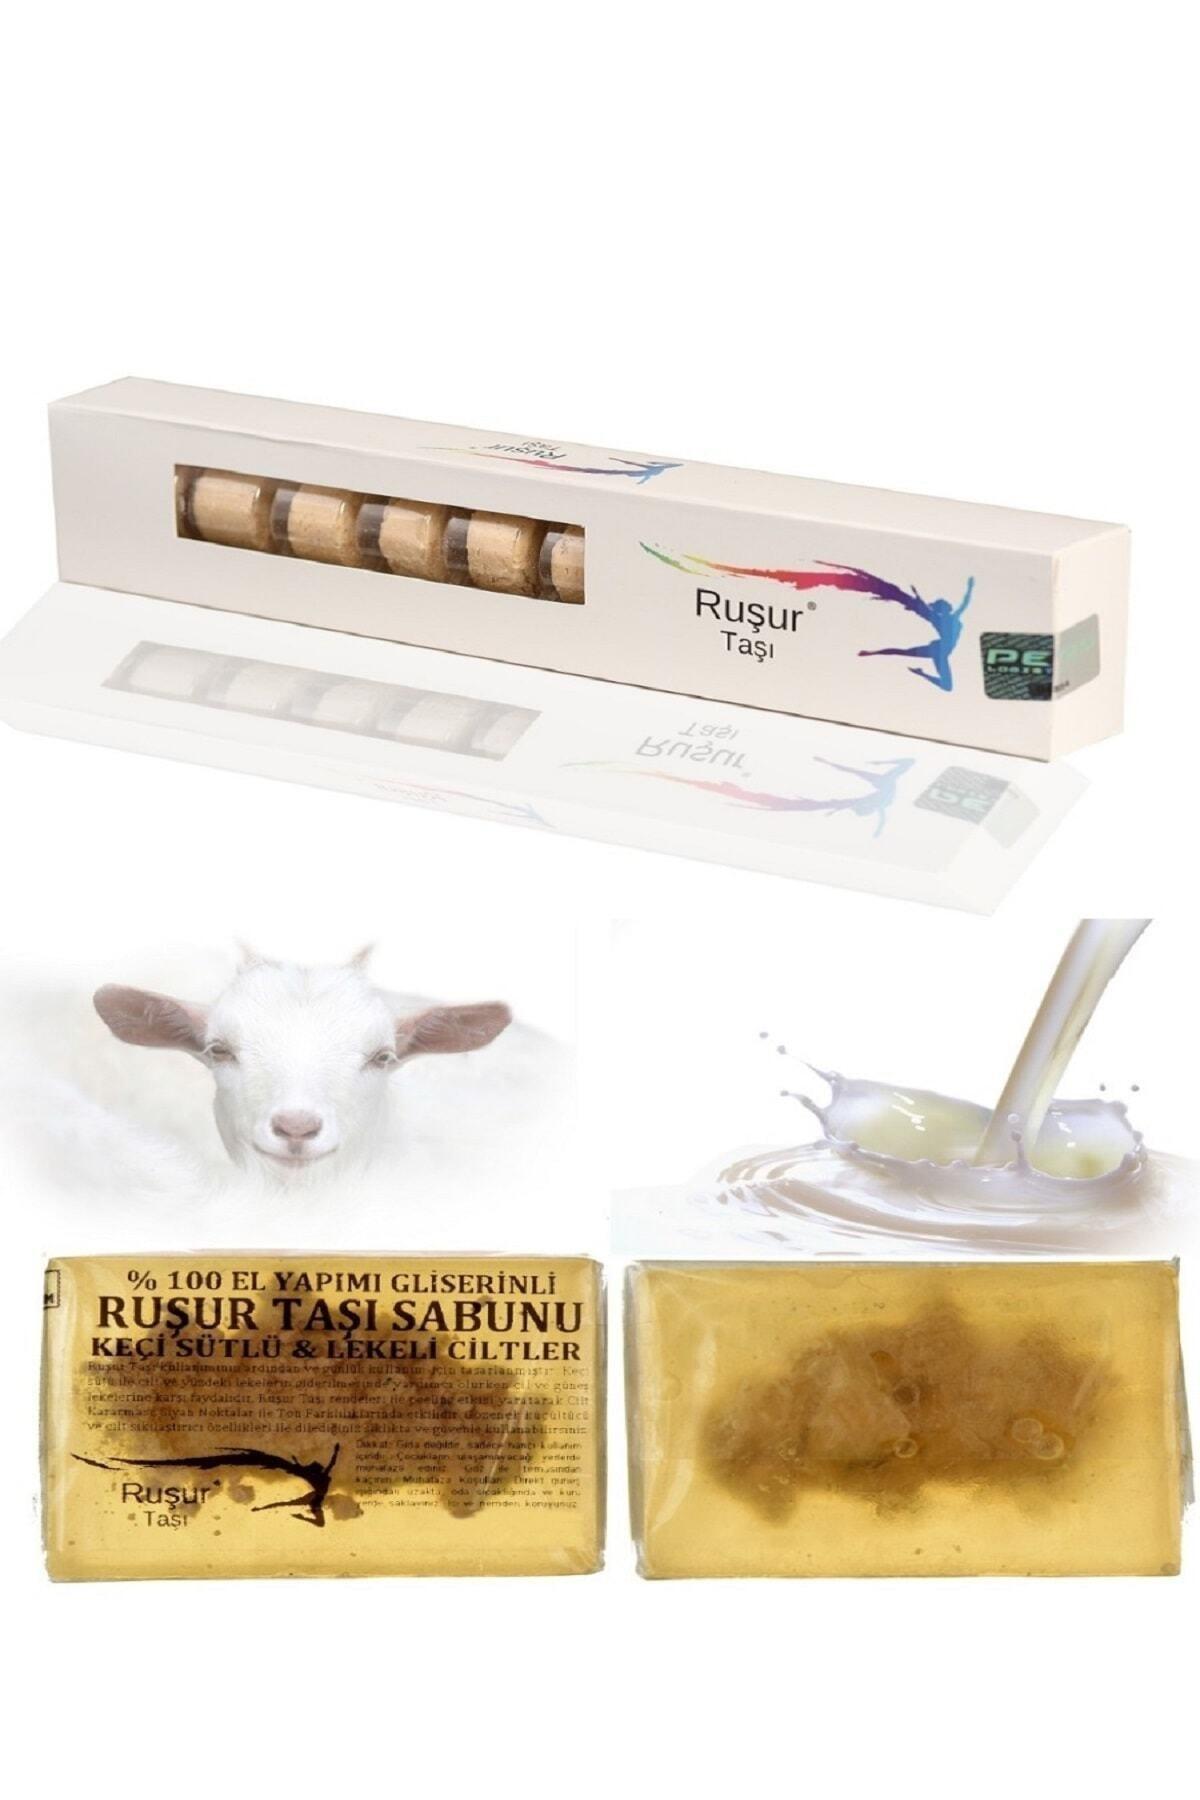 1 Kutu Ruşur Taşı Ve Ruşur Taşlı Keçi Sütlü Sabun